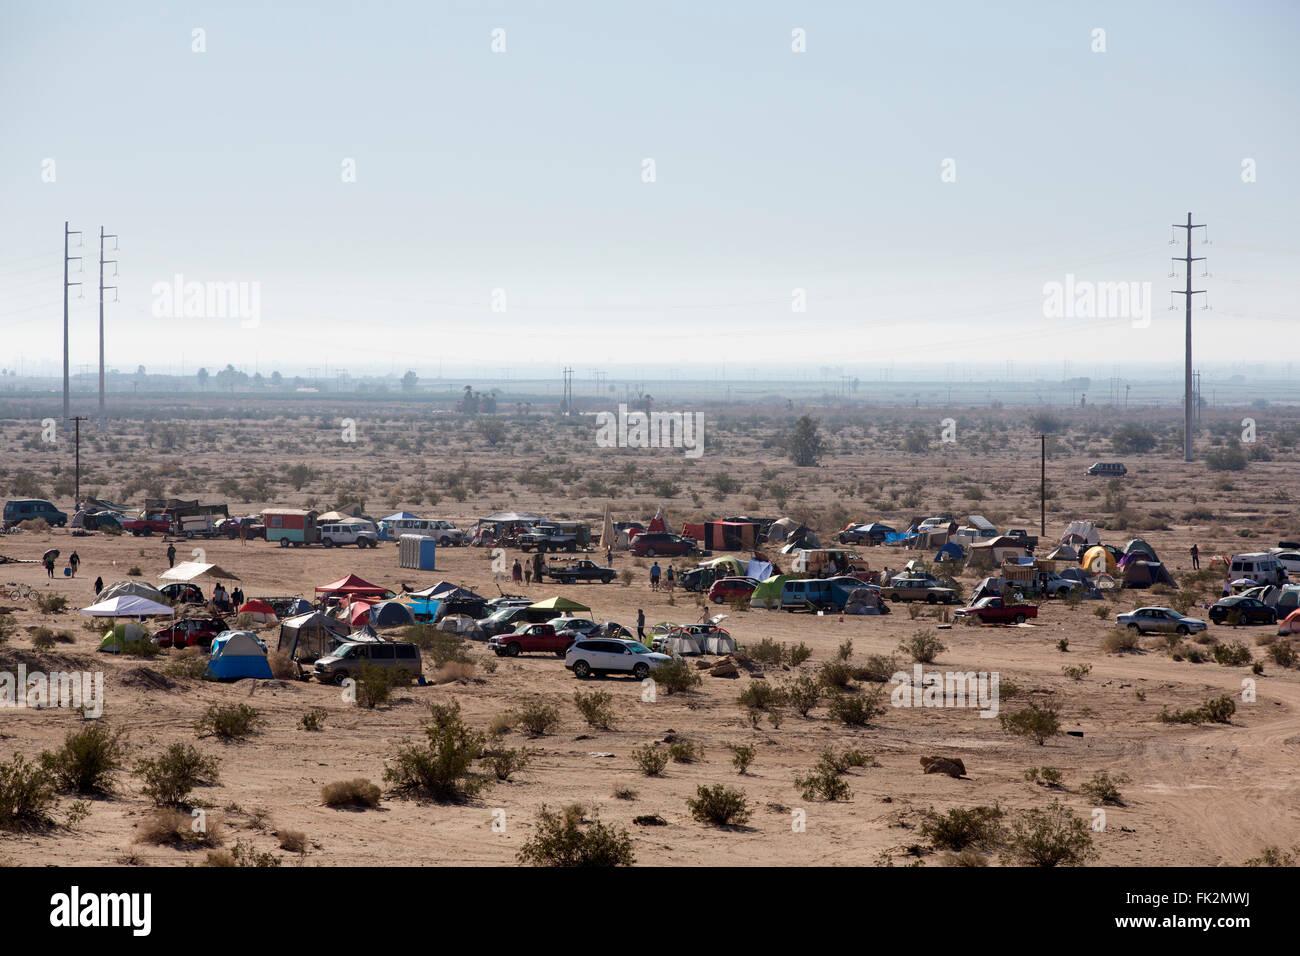 Desert encampment, Slab City, California, USA - Stock Image